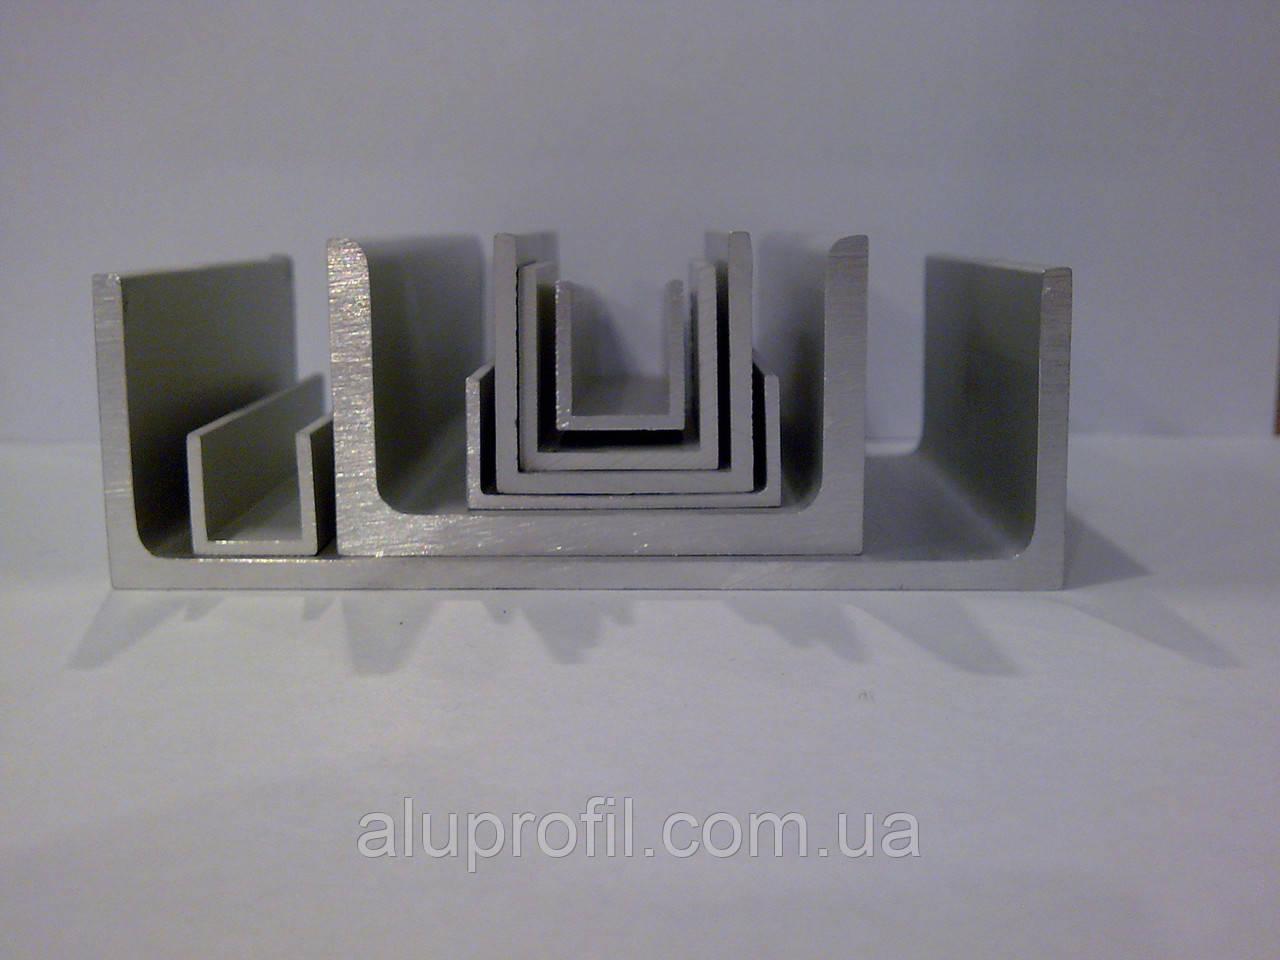 Алюминиевый профиль — швеллер размером 100х50x5 Б/П